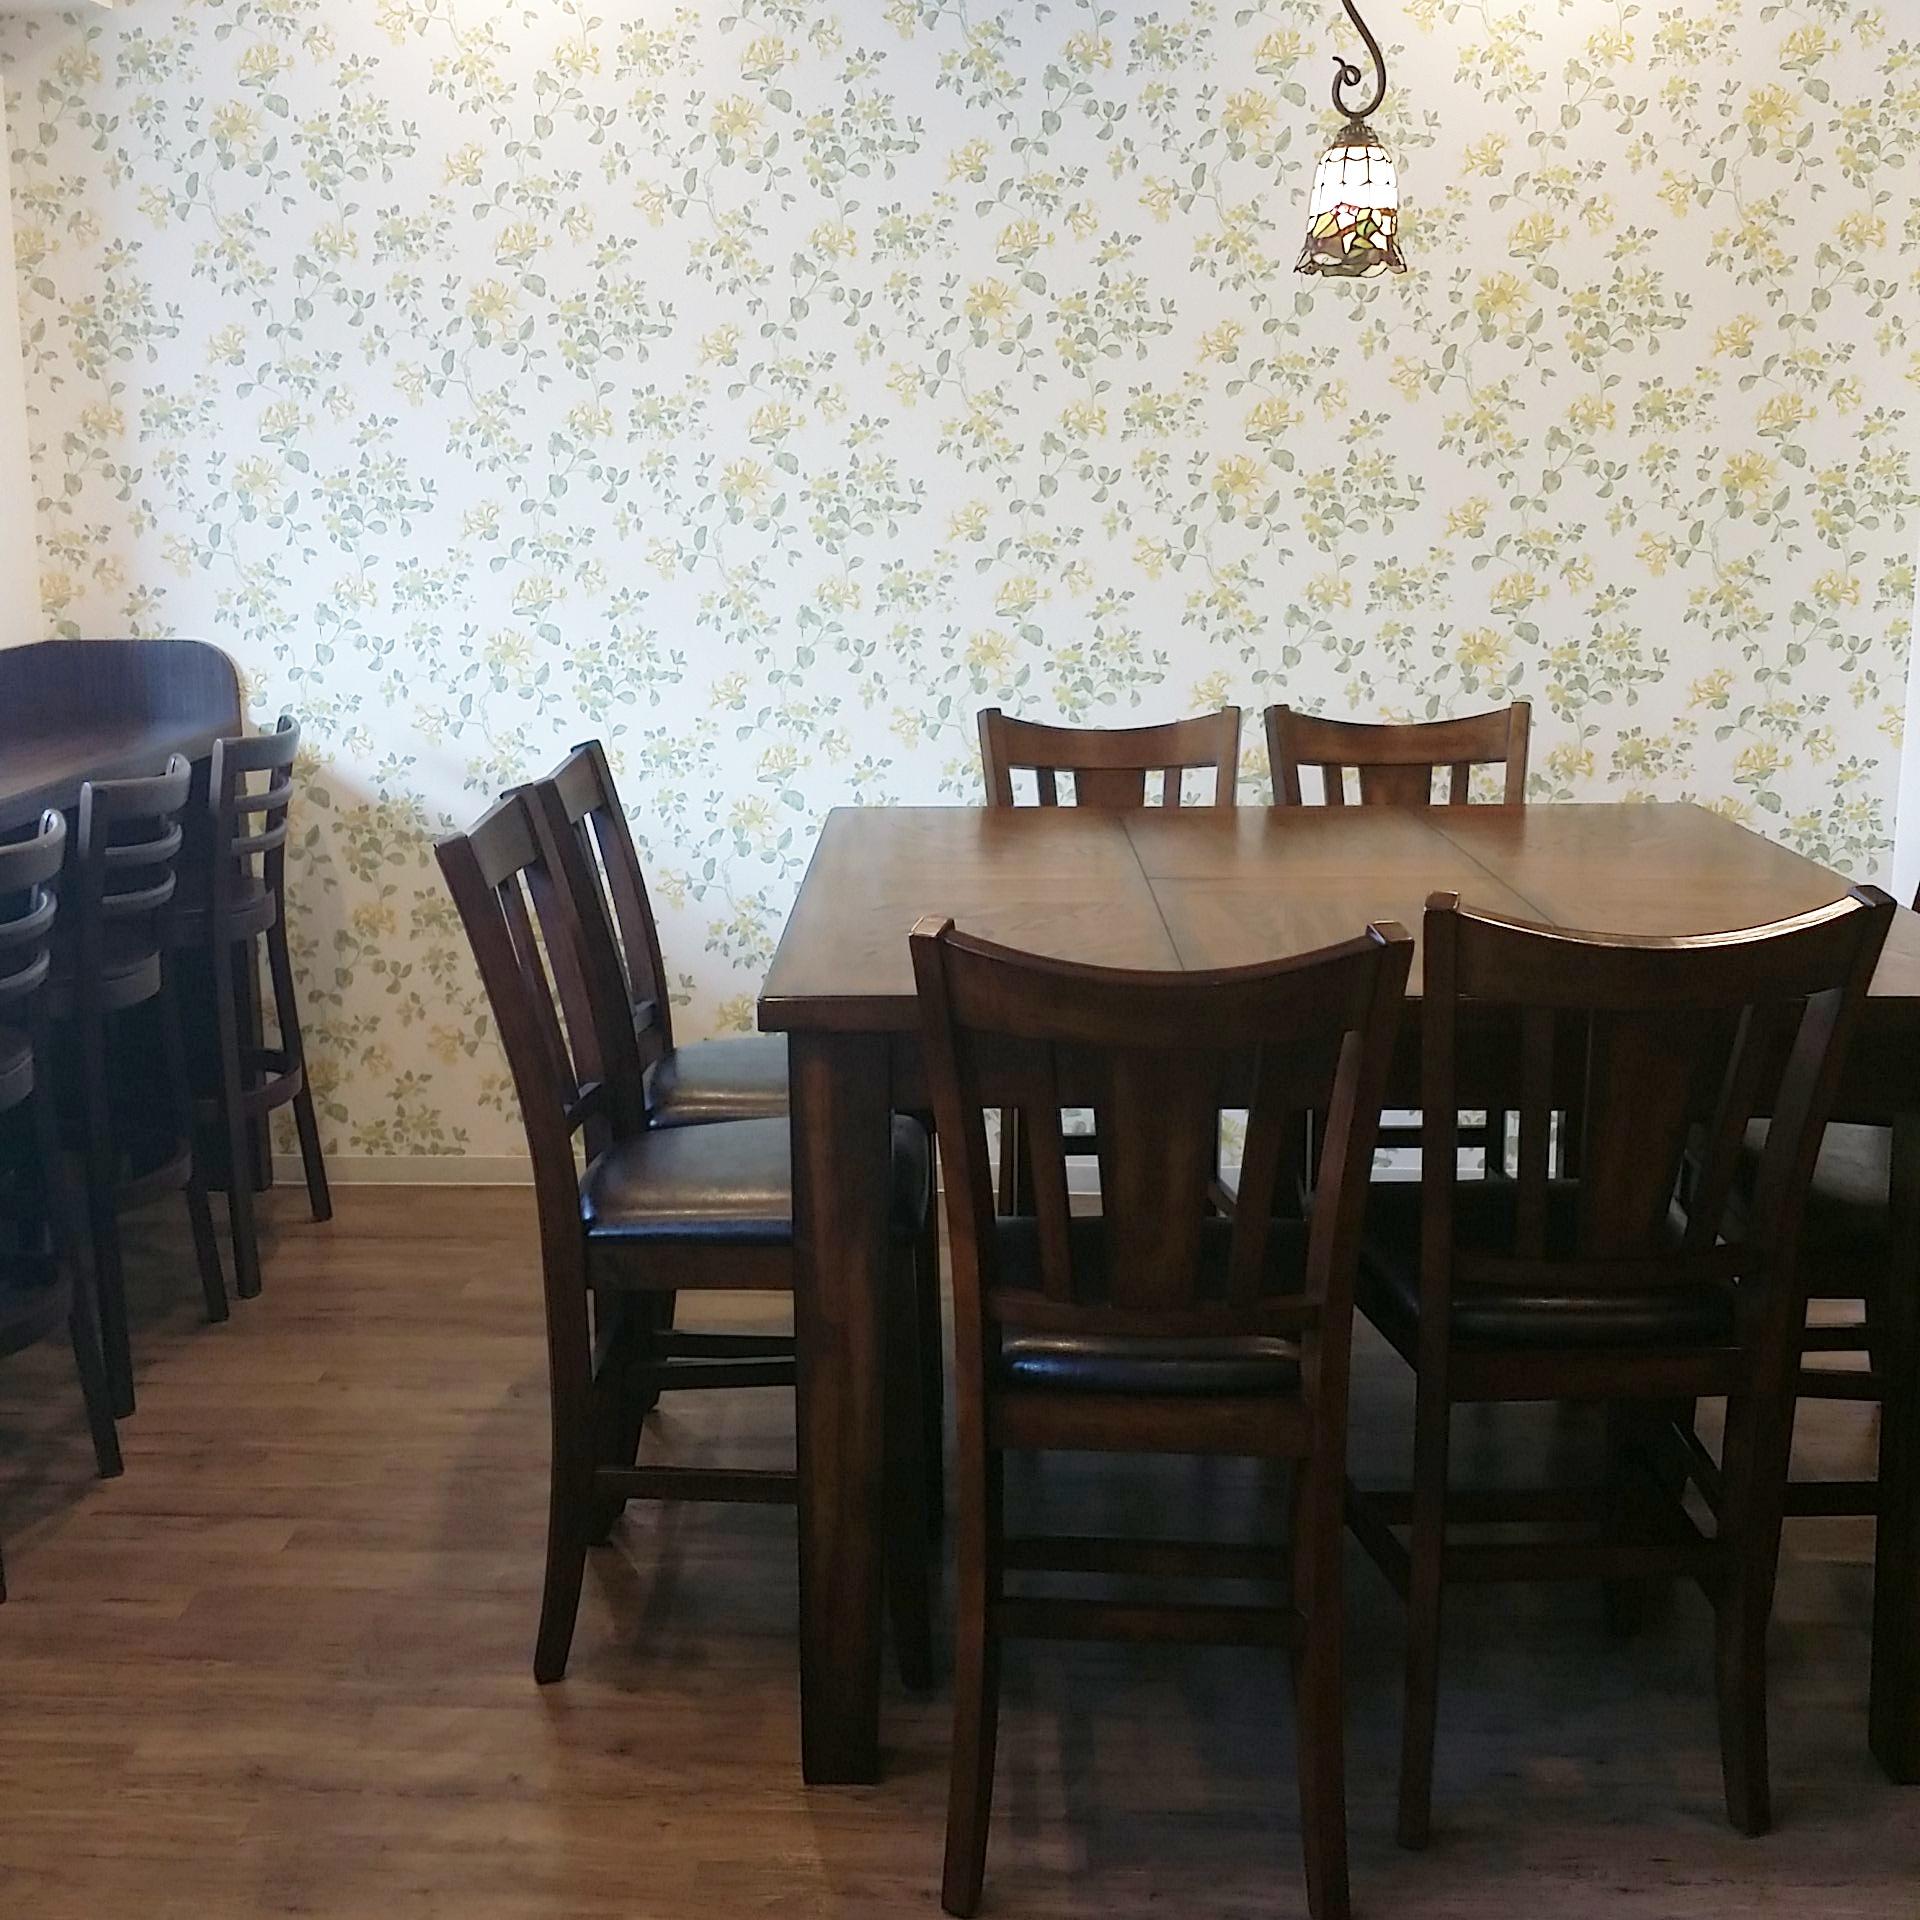 社員食堂ゆにわは、ずっとやってきたことの積み重ねが形になった空間。